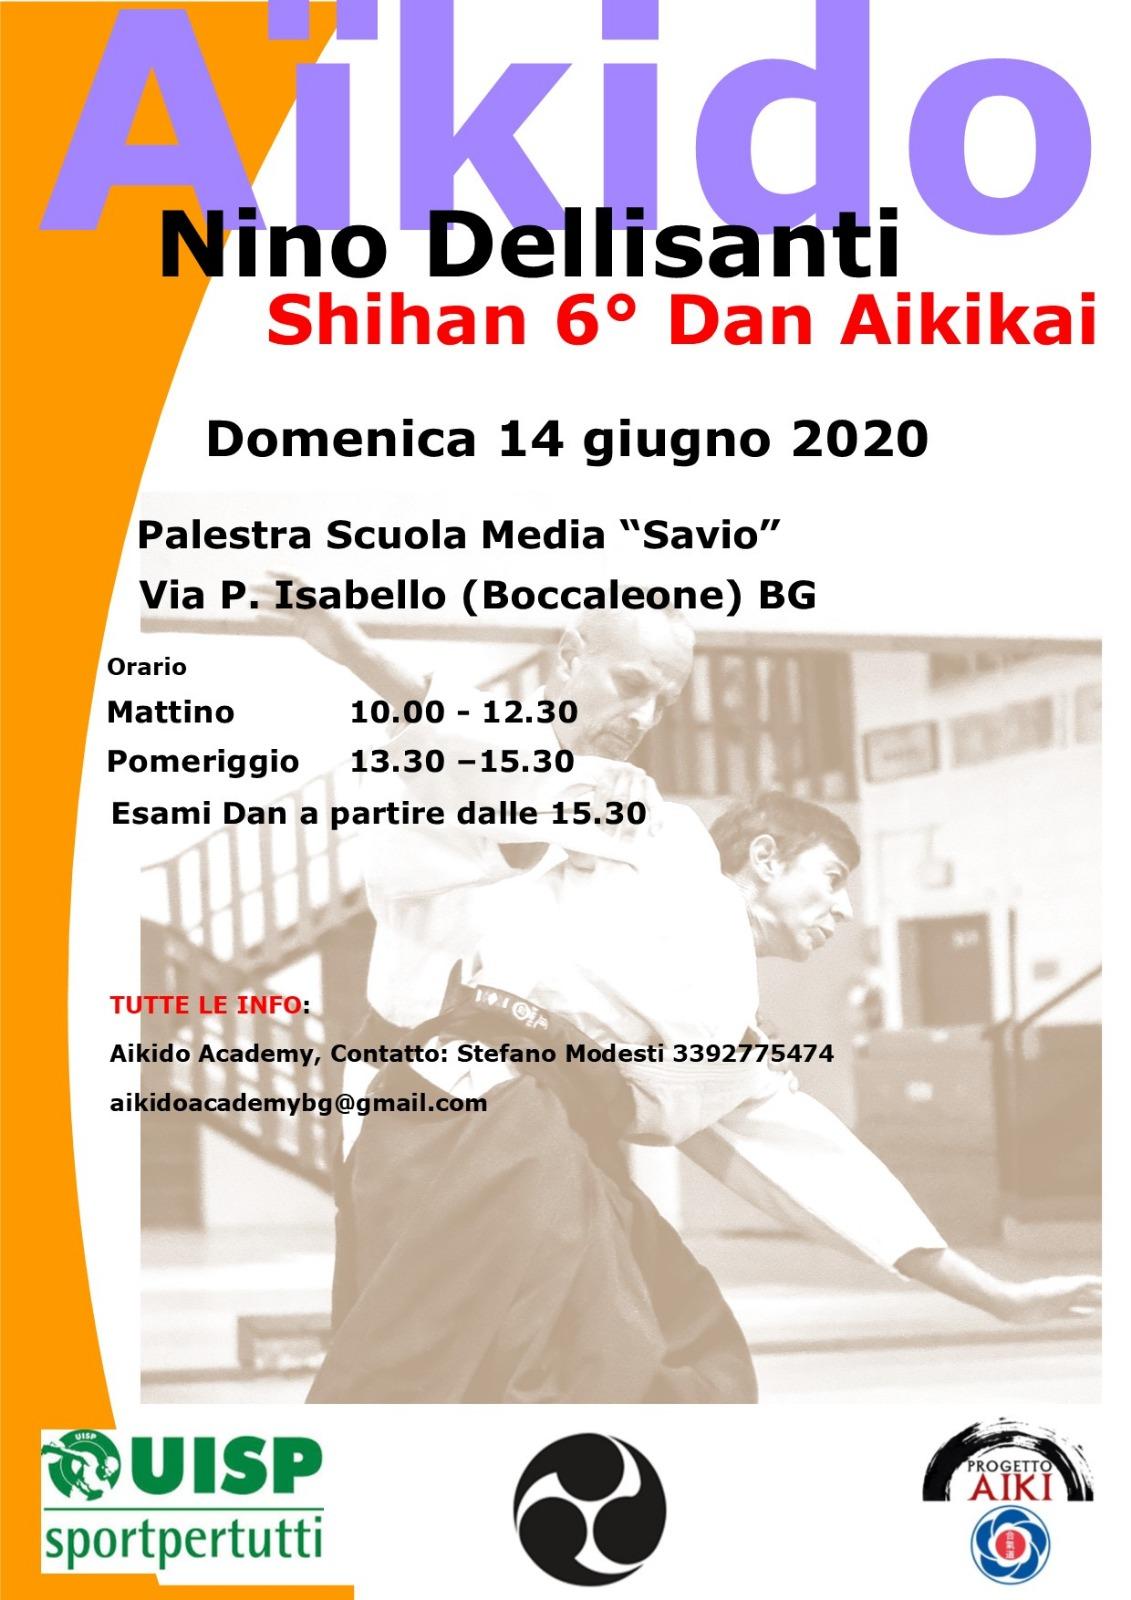 Stage di Aikido, Nino Dellisanti, Boccaleone BG, Aikido Academy